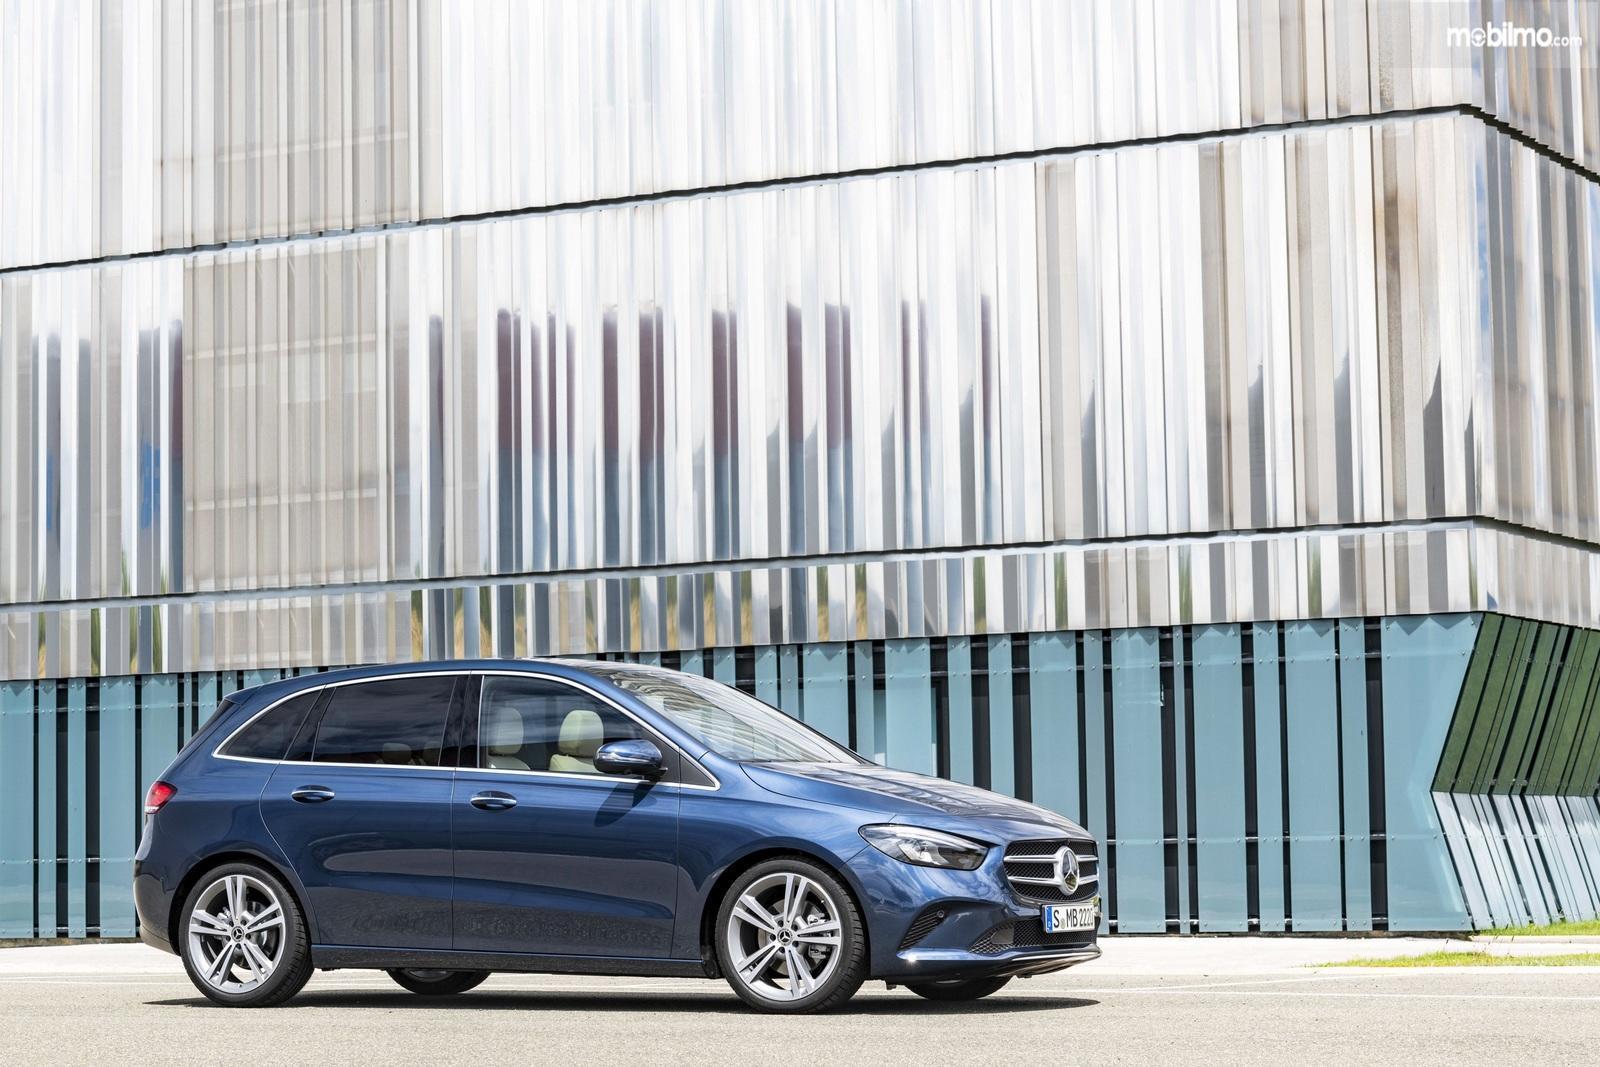 Gambar tampilan samping Mercedes-Benz B-Class 2019